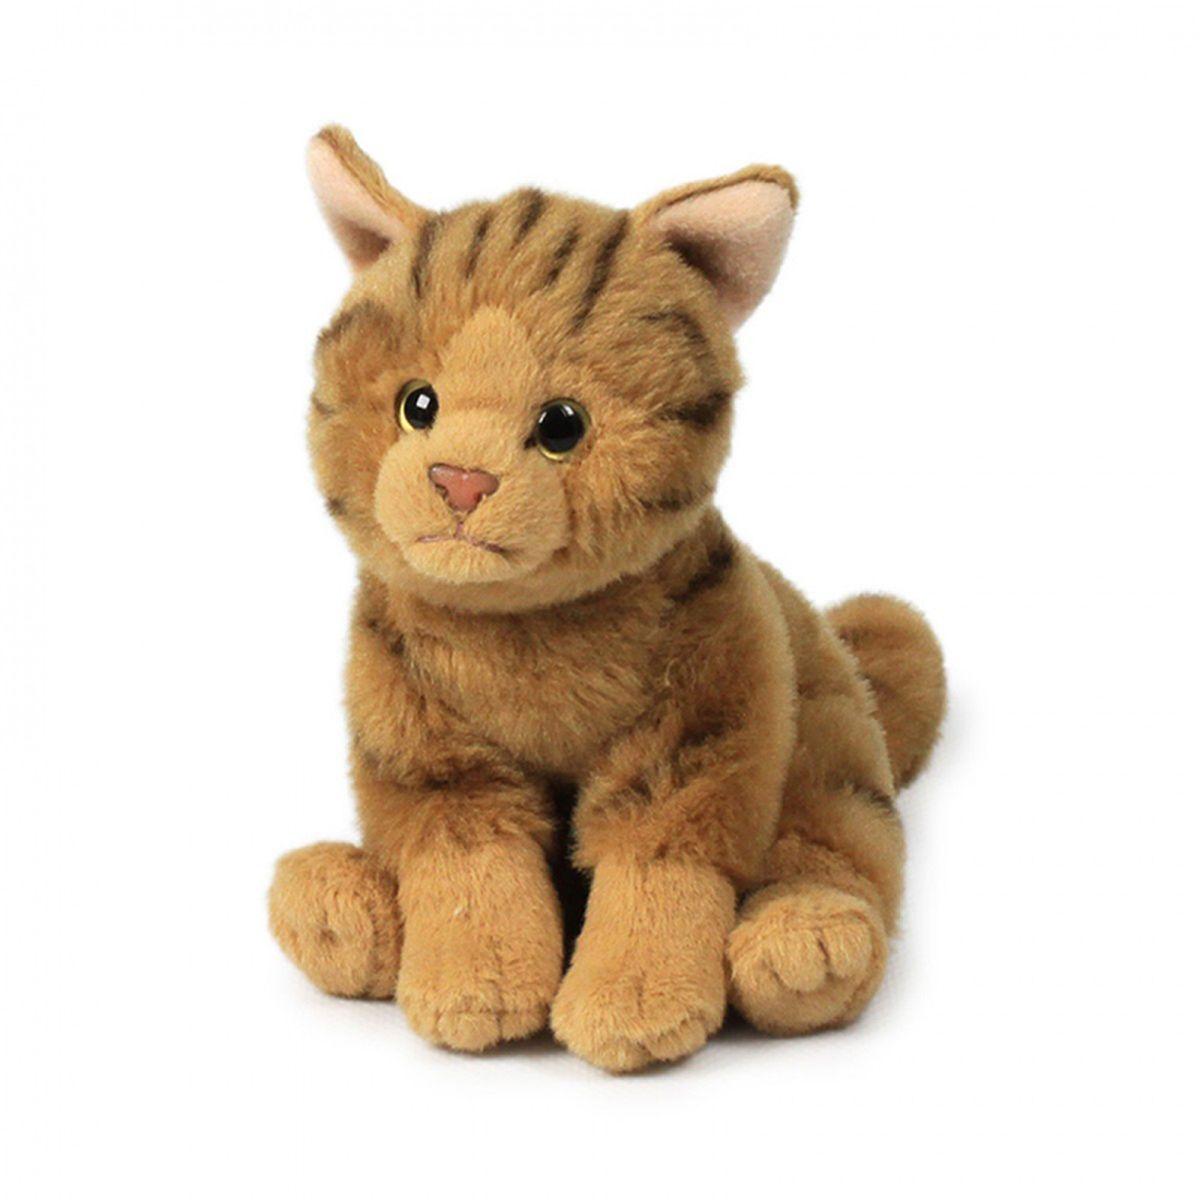 Anna Club Plush Кошка бенгальская, сидит 15 см anna club plush мягкая игрушка бассет хаунд 18 см